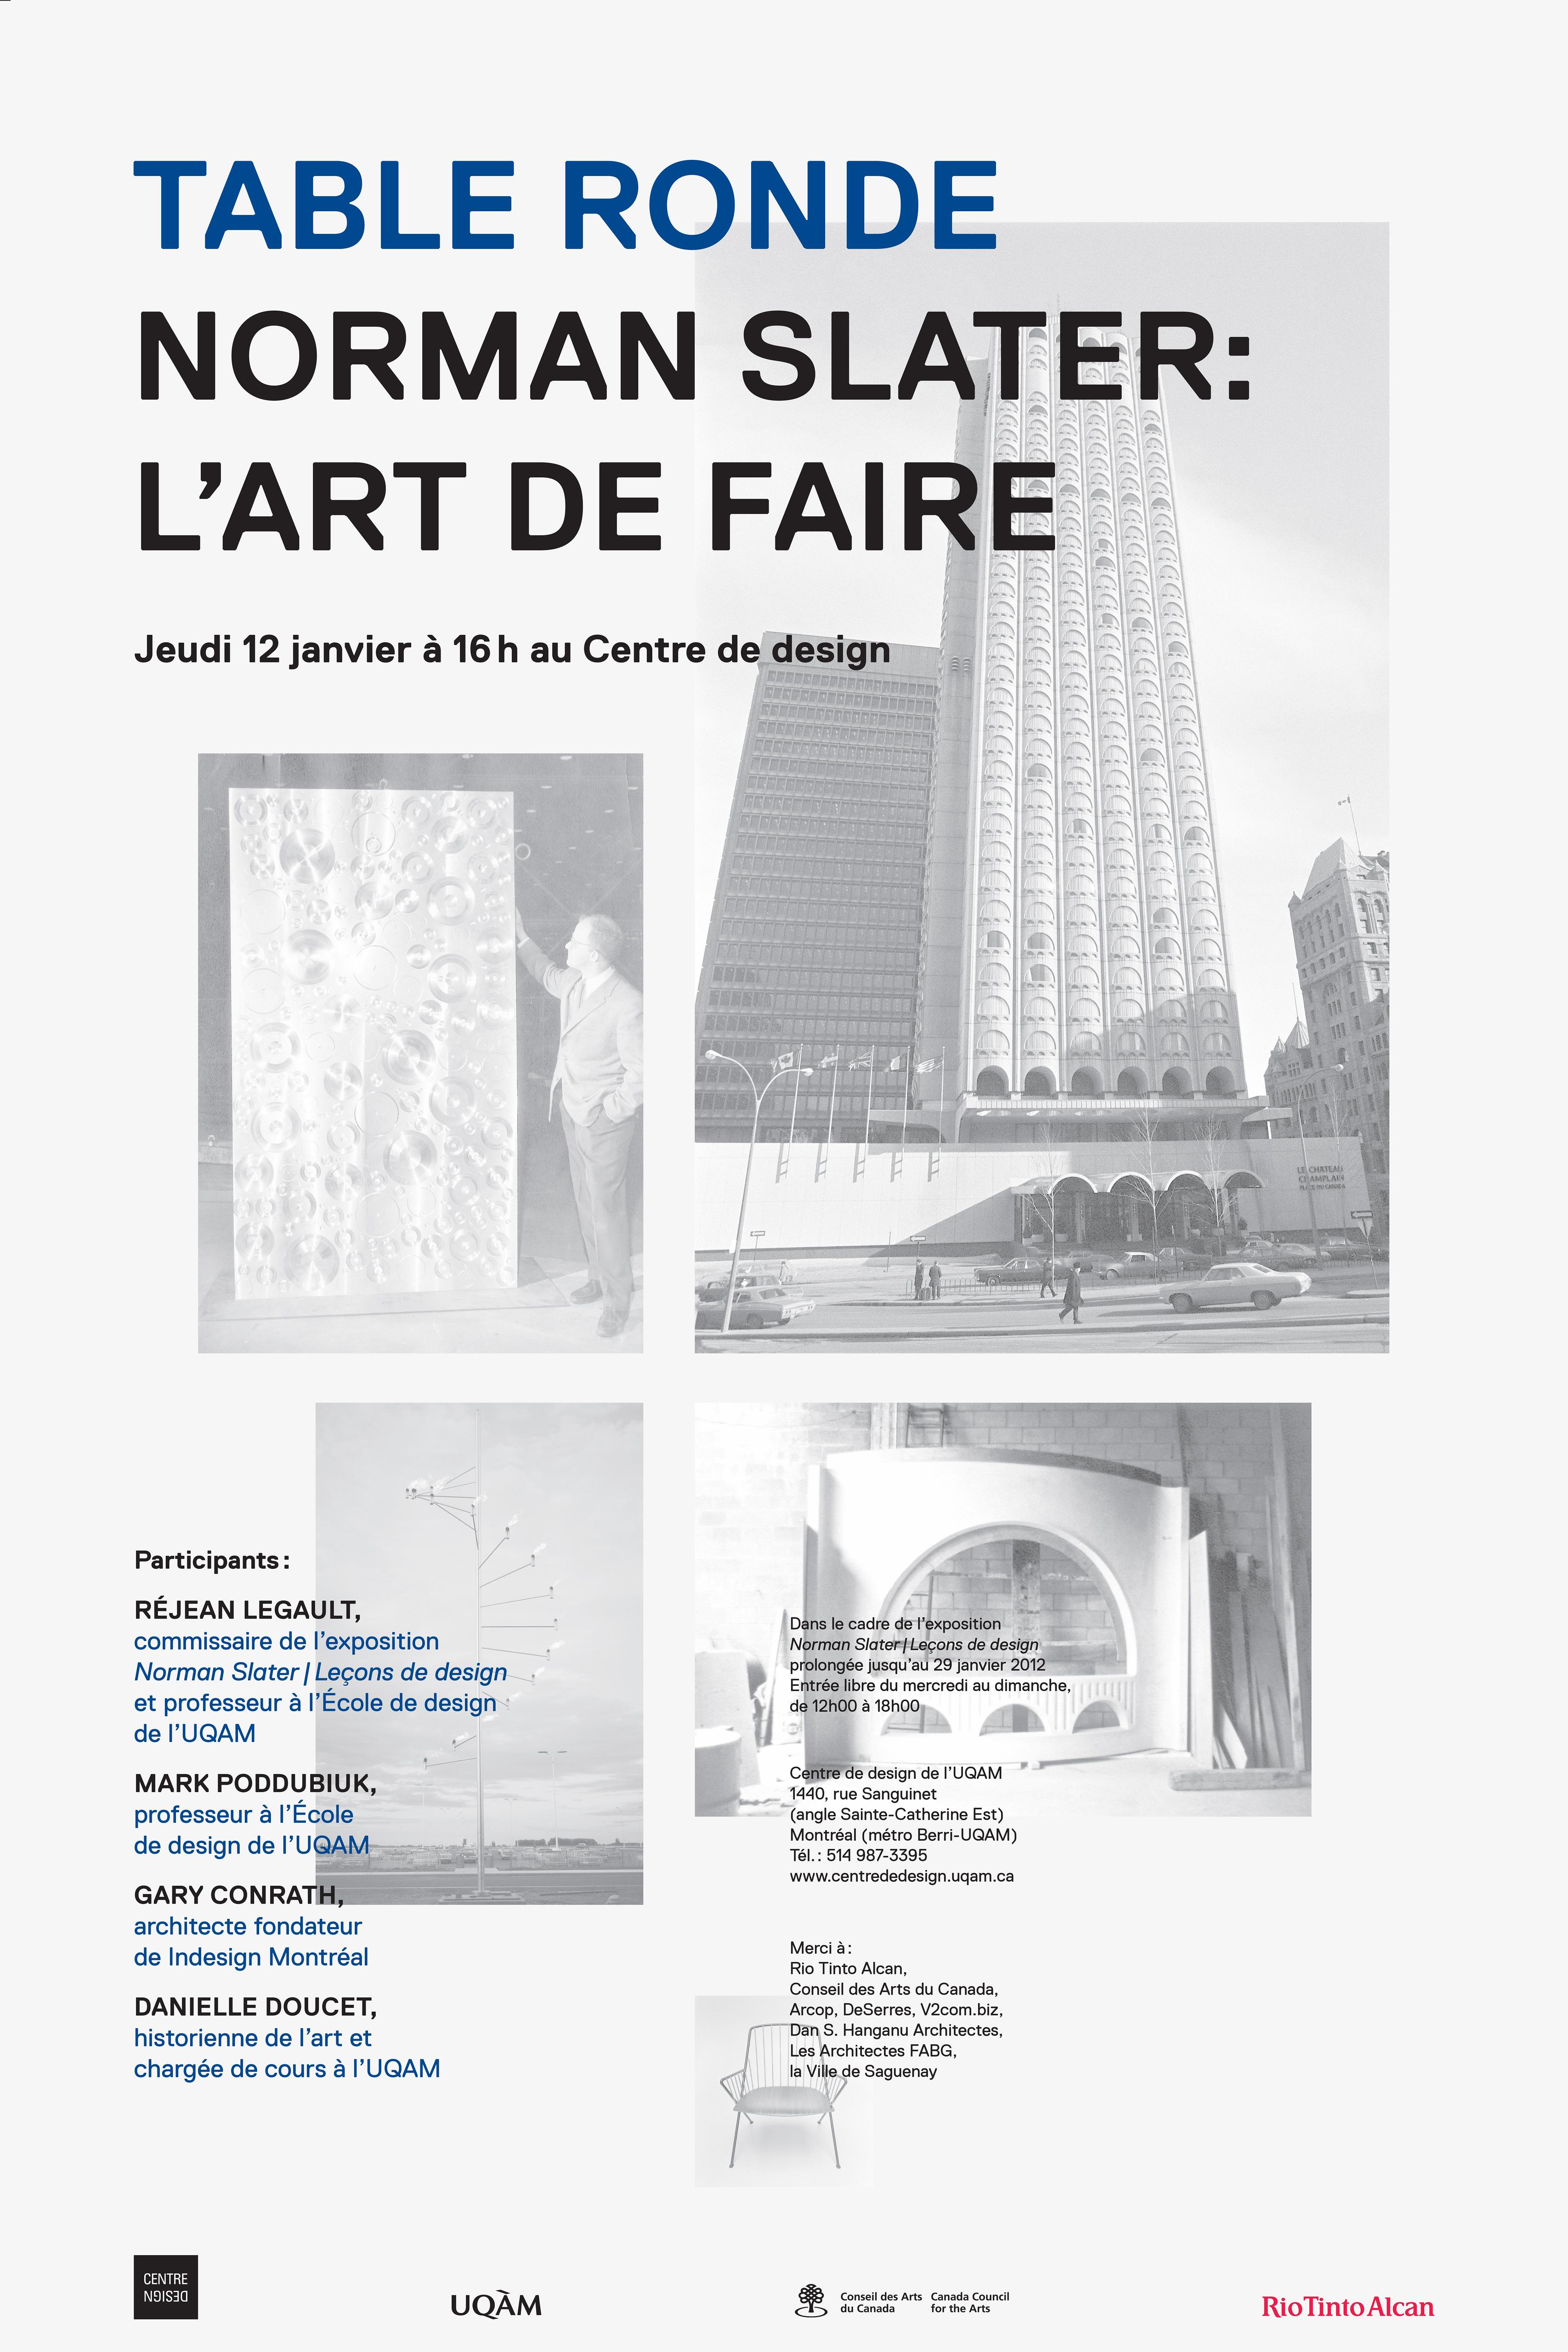 2012 - Événement - Table ronde Norman Slater L'art de faire ©Emmelyne Pornillos et Amandine Guillard